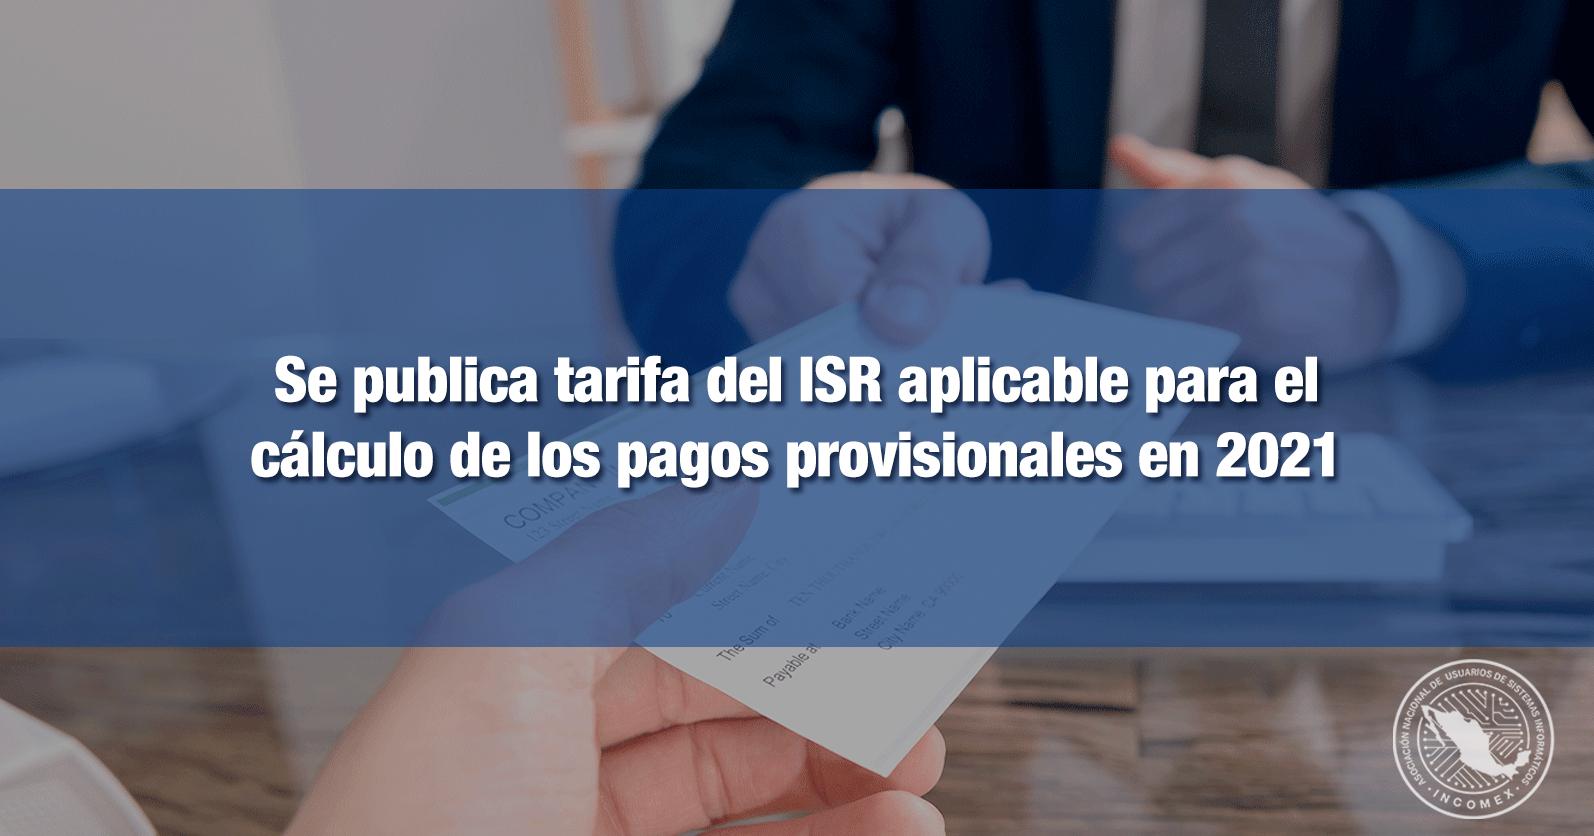 Se publica tarifa del ISR aplicable para el cálculo de los pagos provisionales en 2021